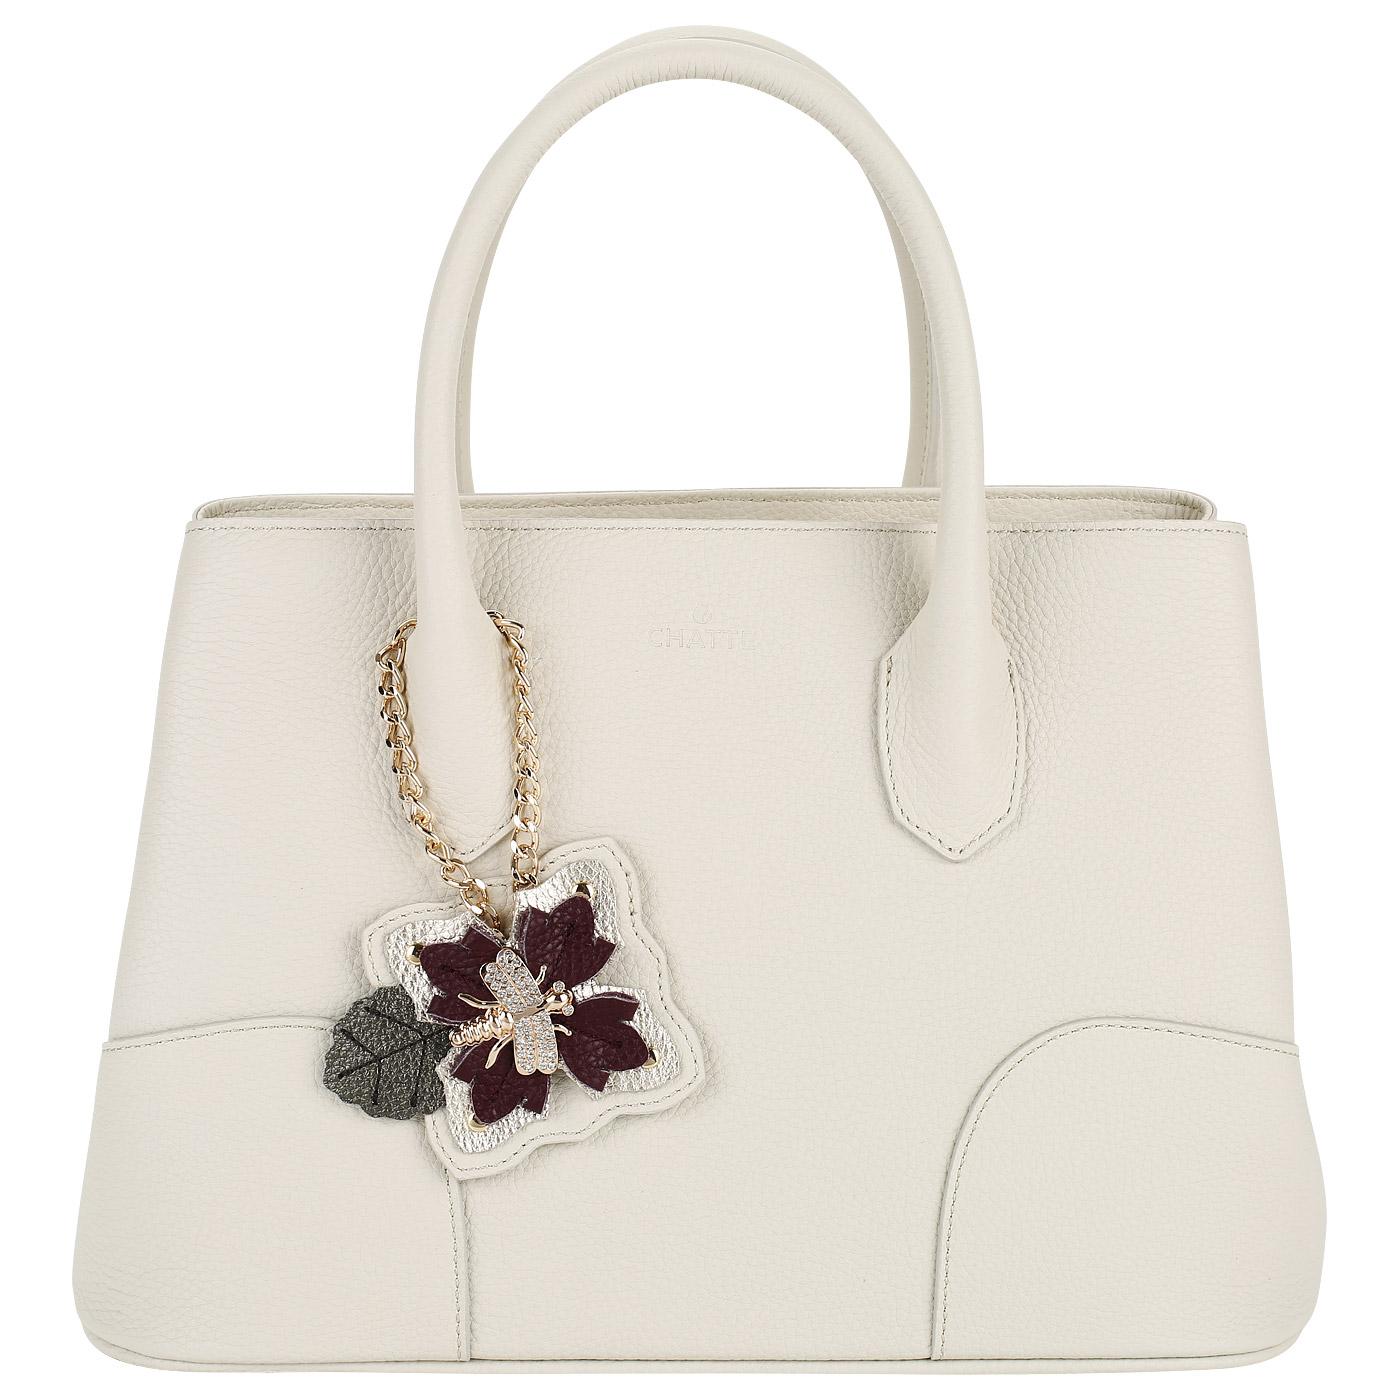 a46623c094d2 Кожаная женская сумка с двумя отделами Chatte DB9276_cream ...